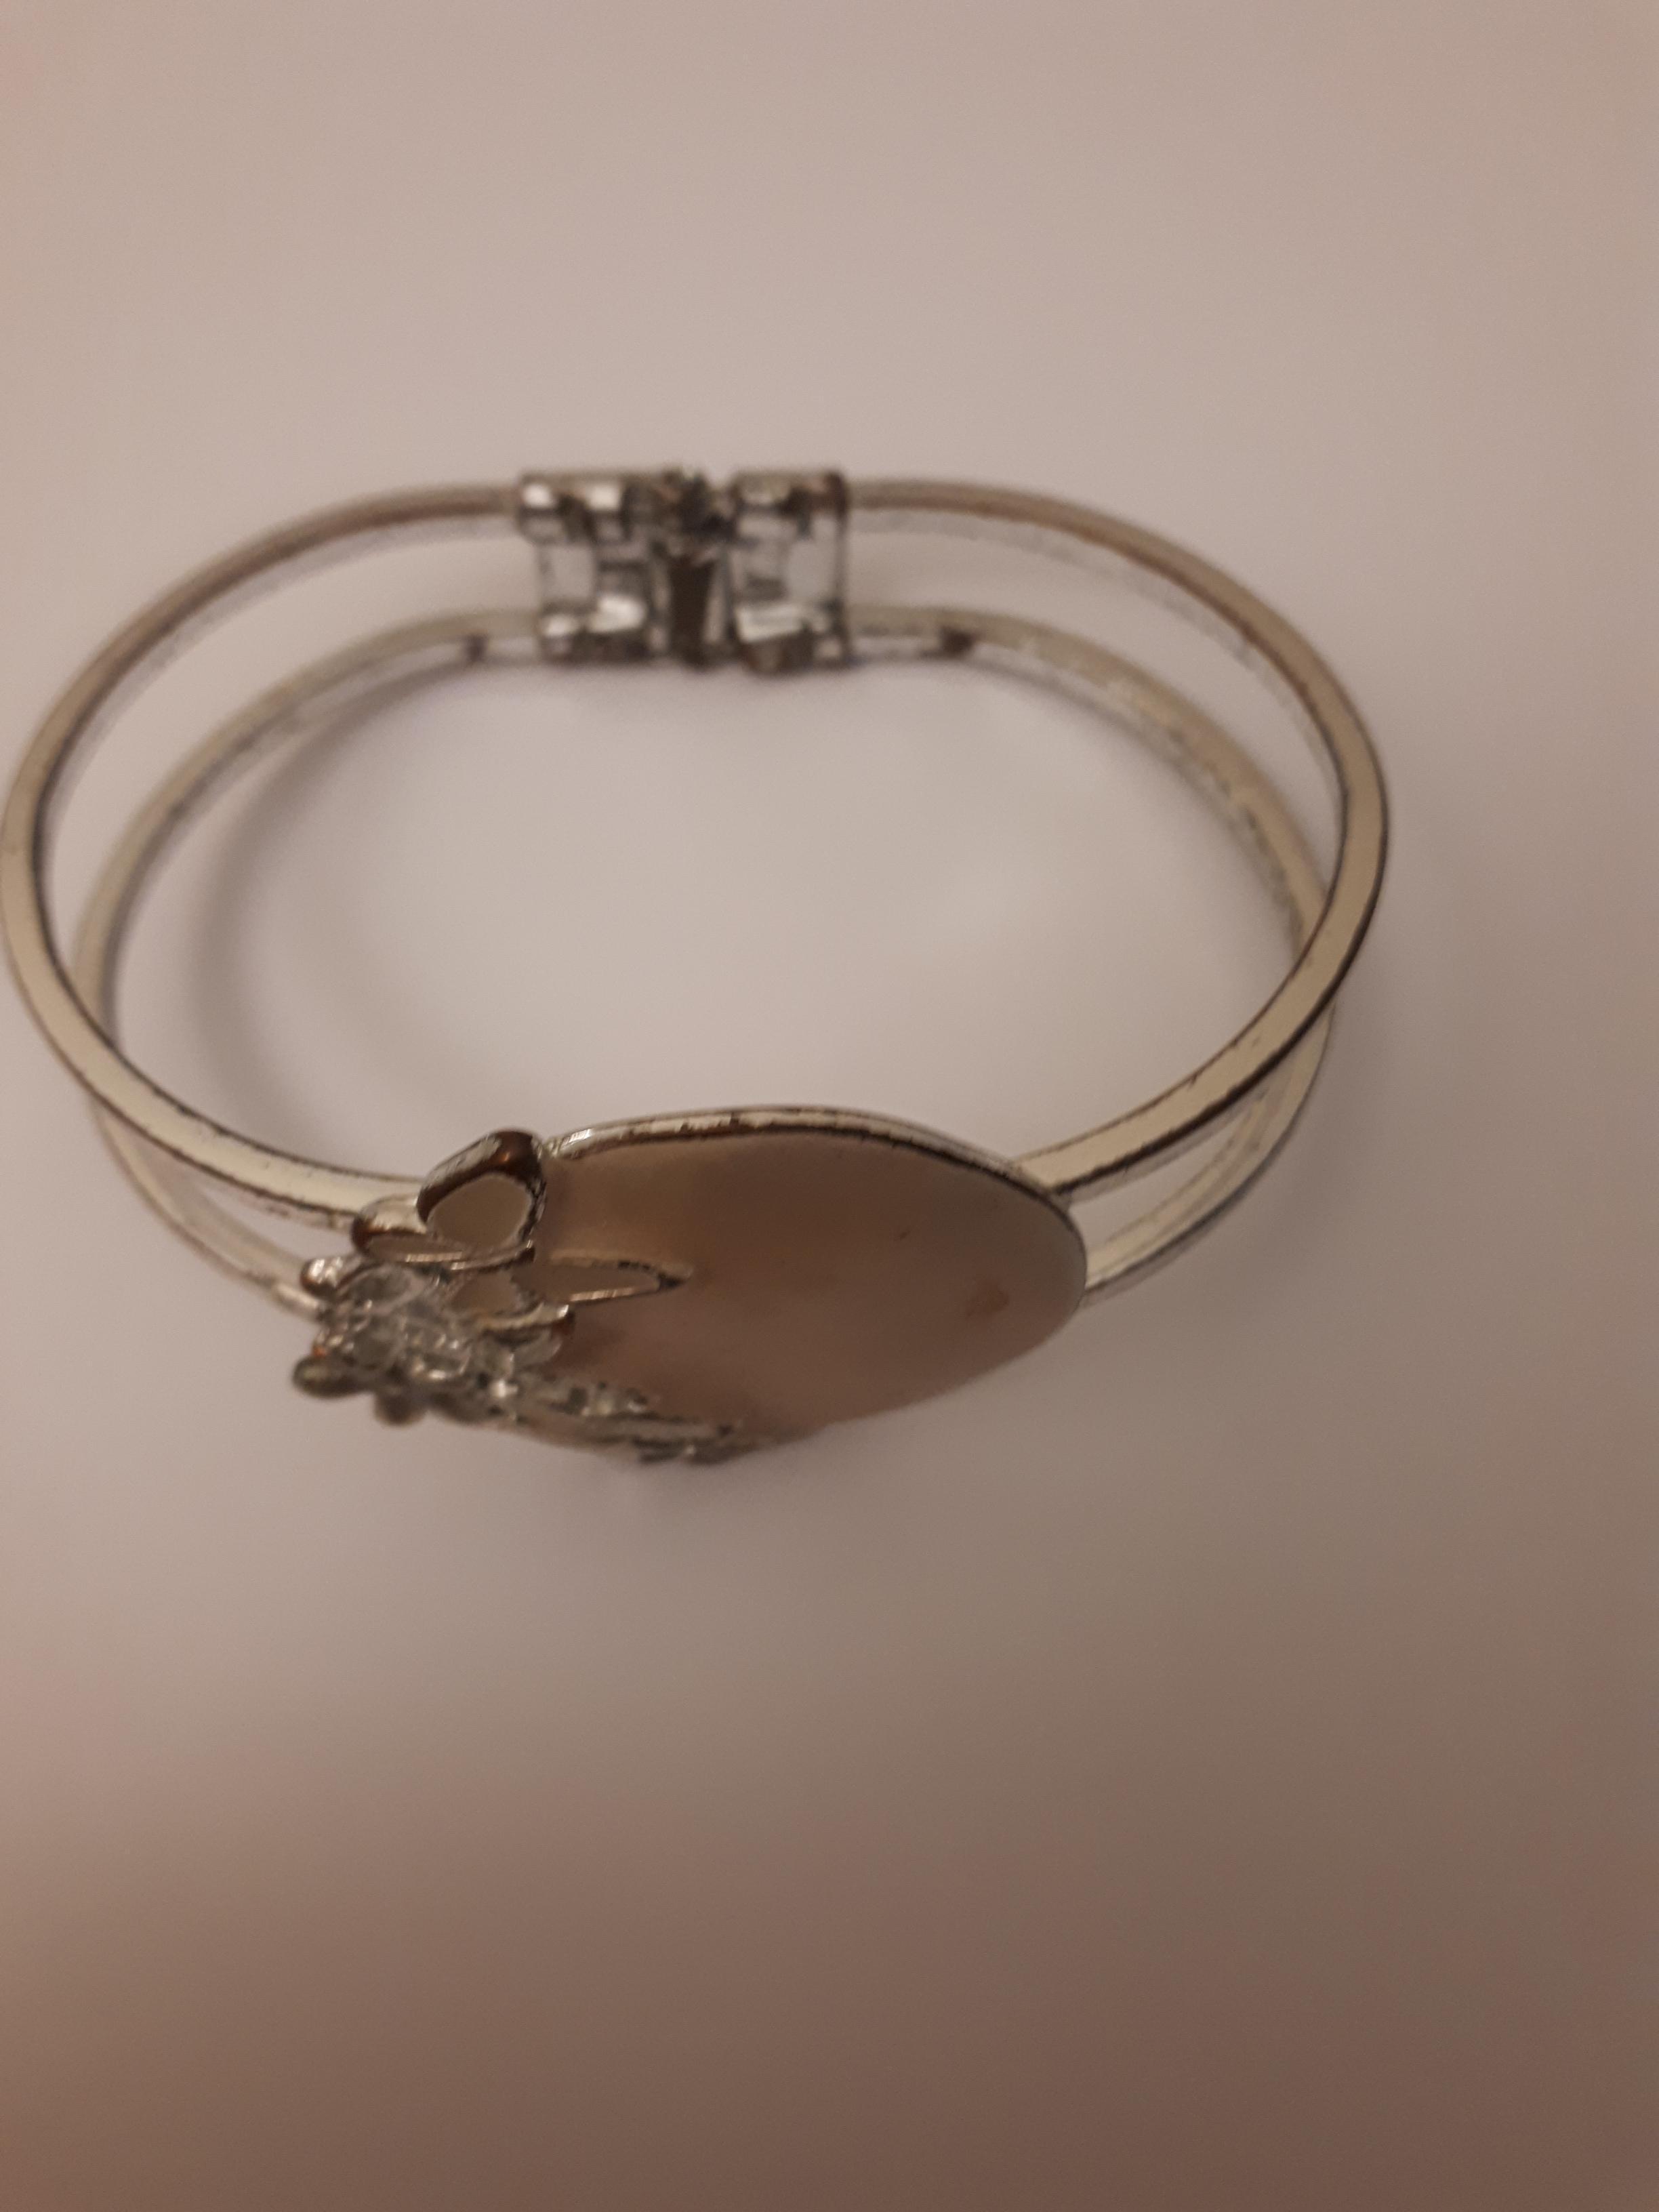 troc de troc bracelet armand thierry féminin image 1